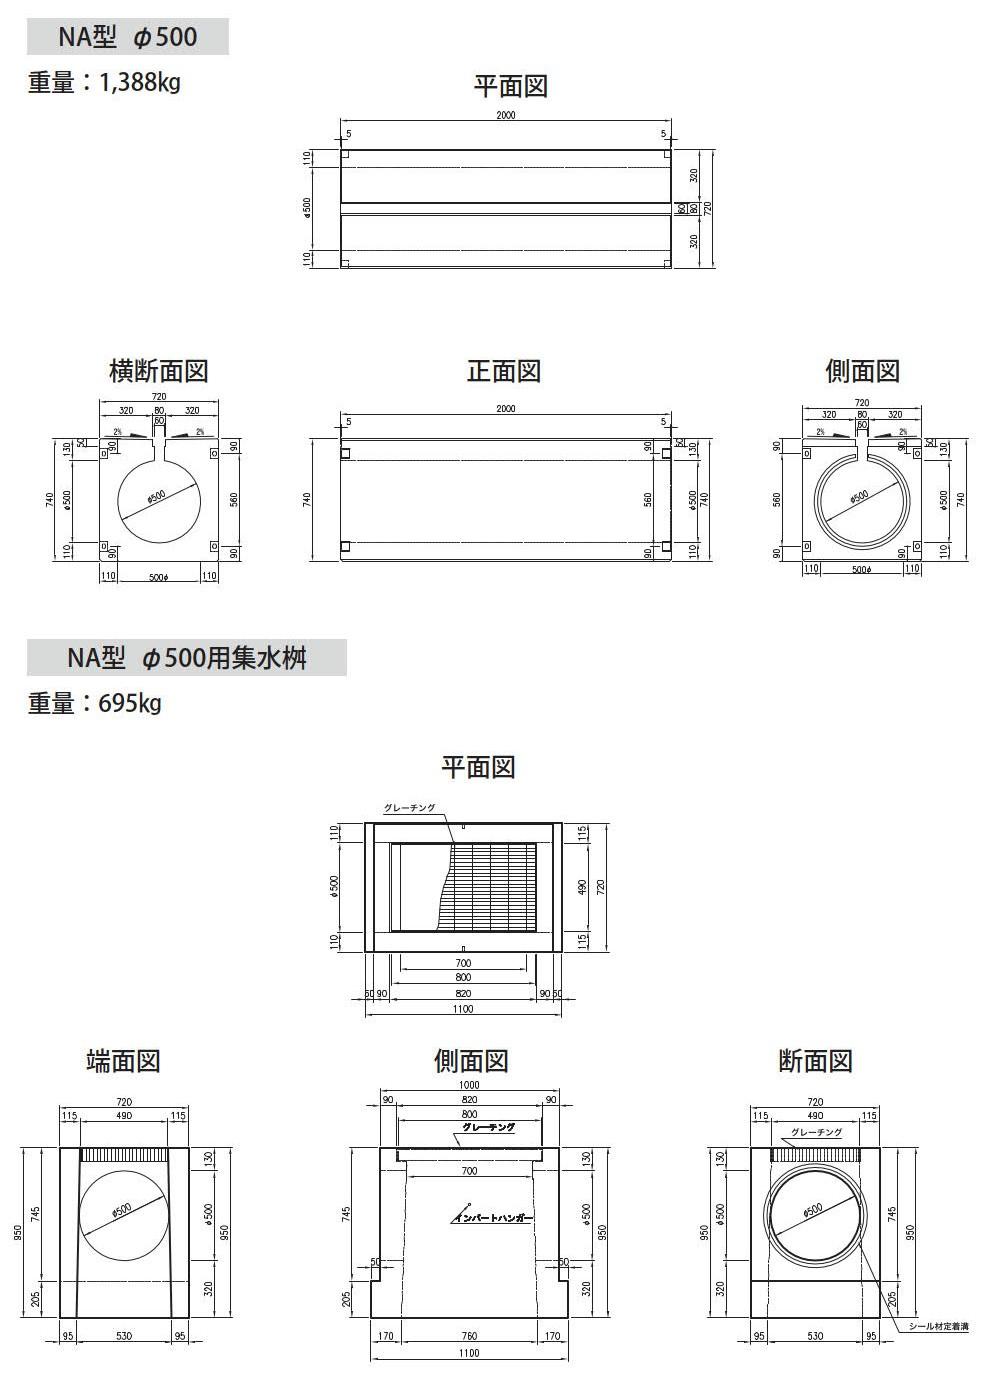 オリジナル側溝|円形水路 NA型 外形寸法 4